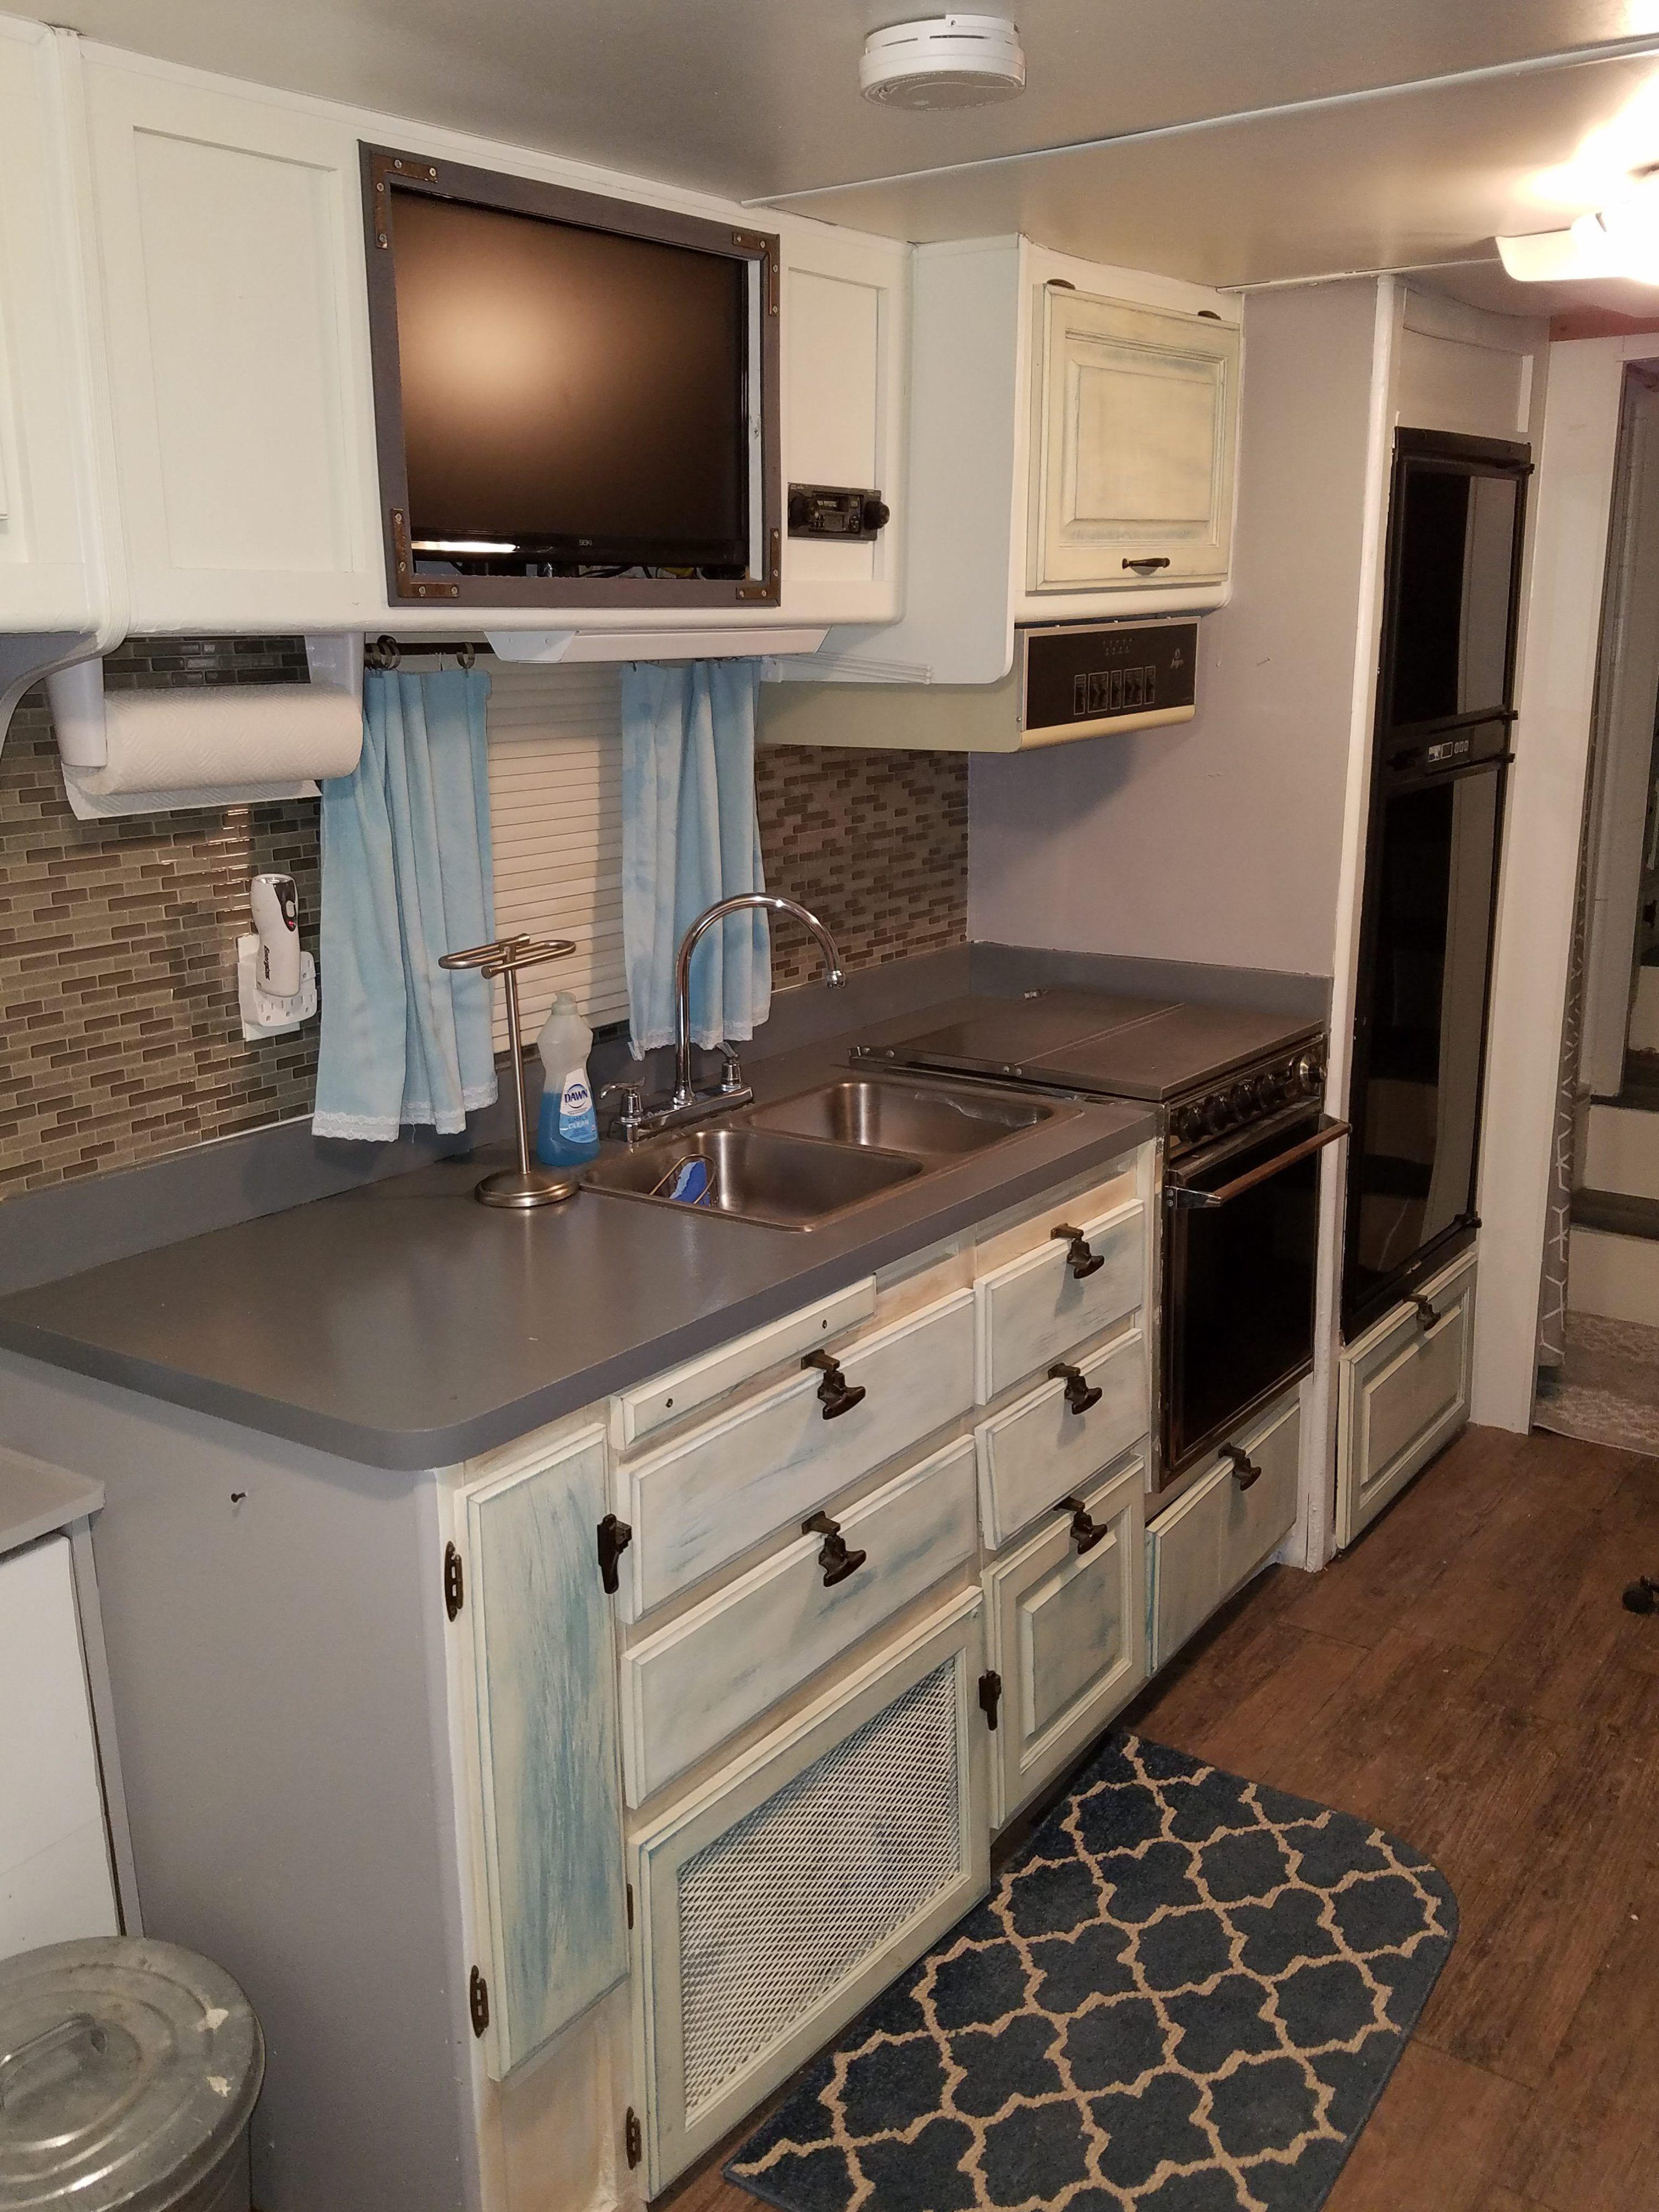 Diy Rv Camper Smart Tile Backsplash If You Have Ever Wondered How